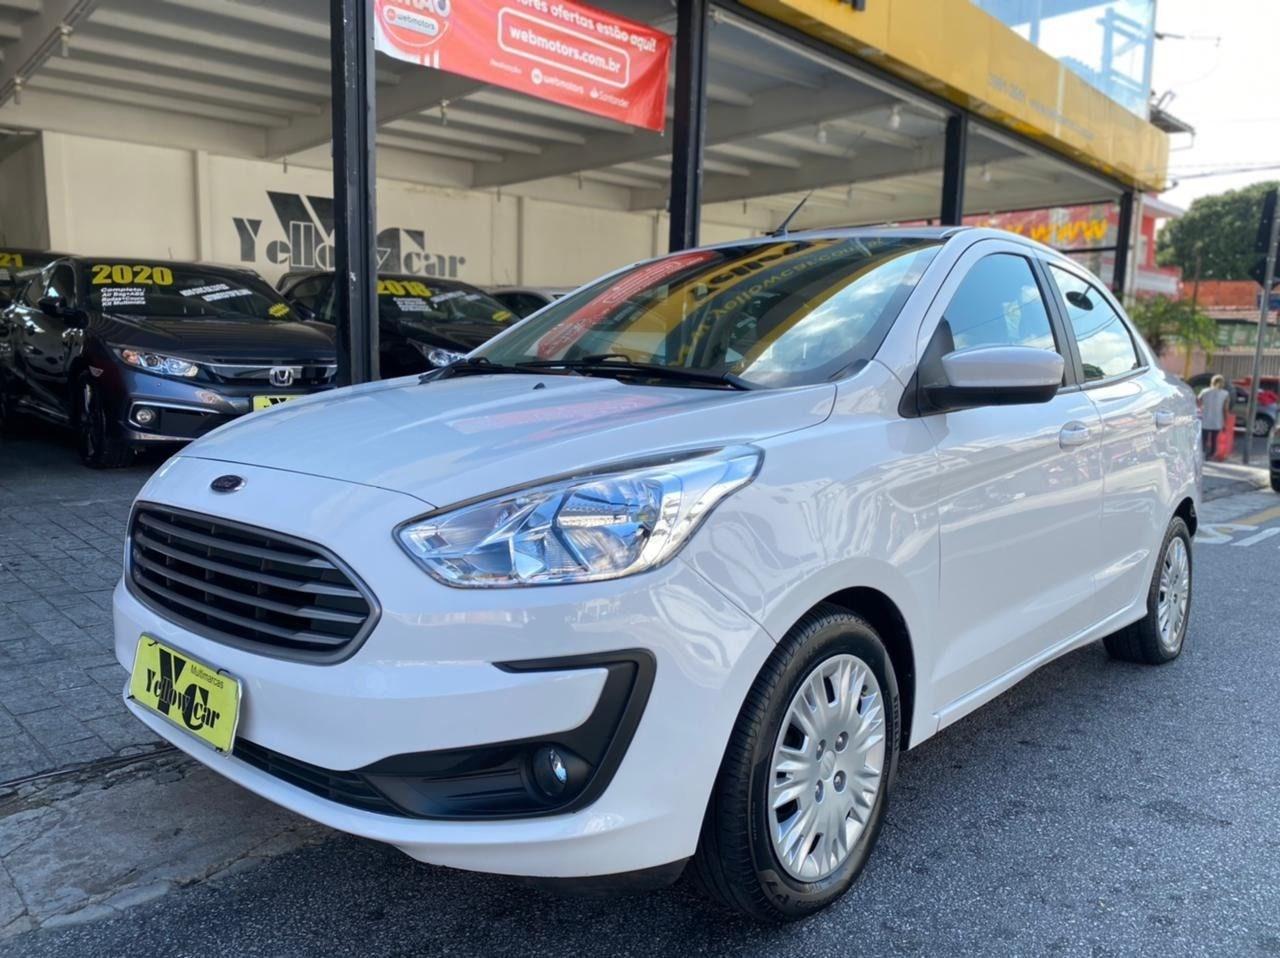 //www.autoline.com.br/carro/ford/ka-15-se-plus-12v-flex-4p-automatico/2019/sao-paulo-sp/14567545